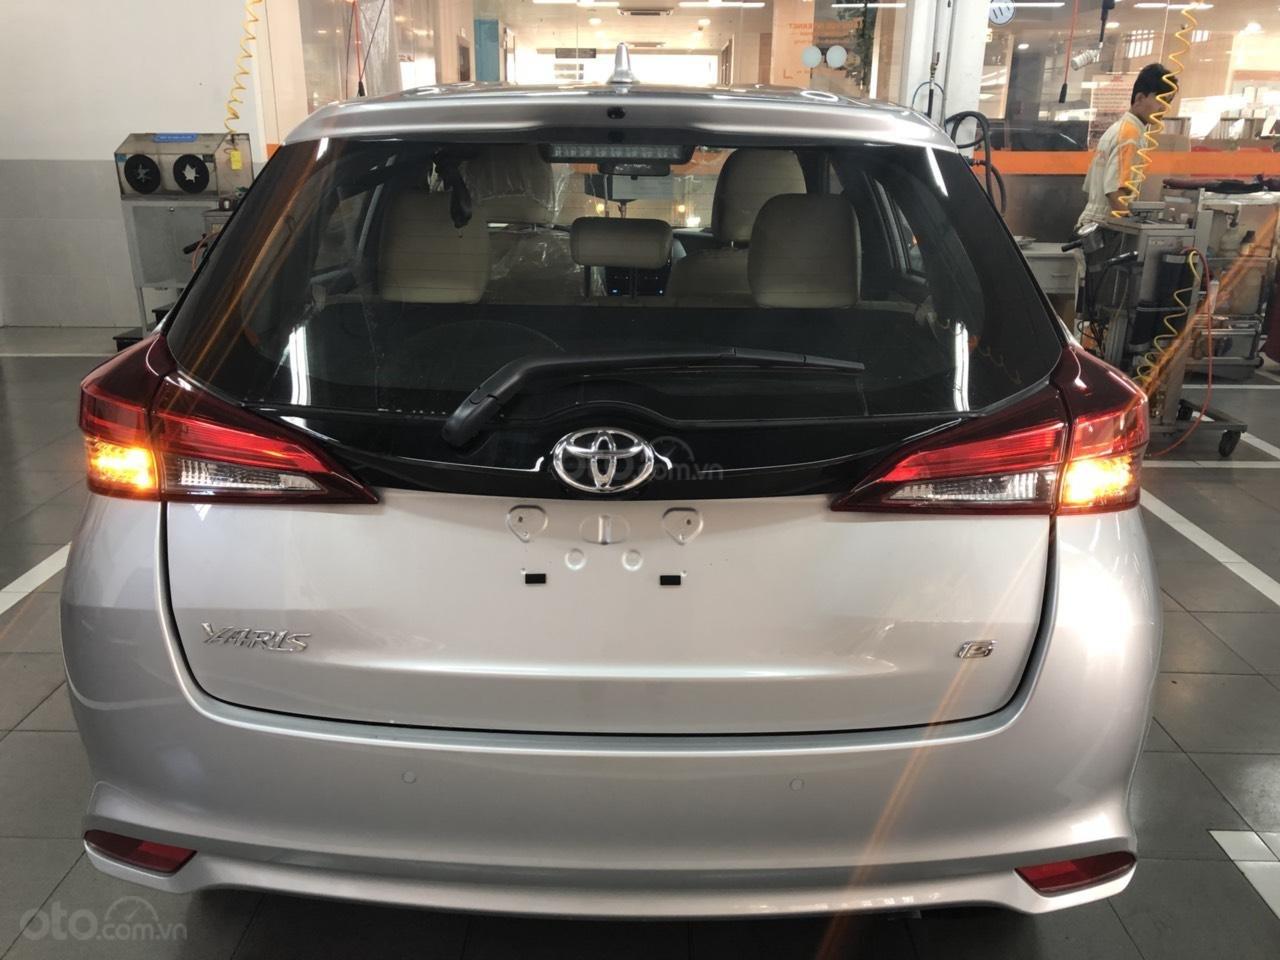 Bán Toyota Yaris 1.5G cao cấp năm 2019, màu bạc, xe nhập, khuyến mãi lớn (2)